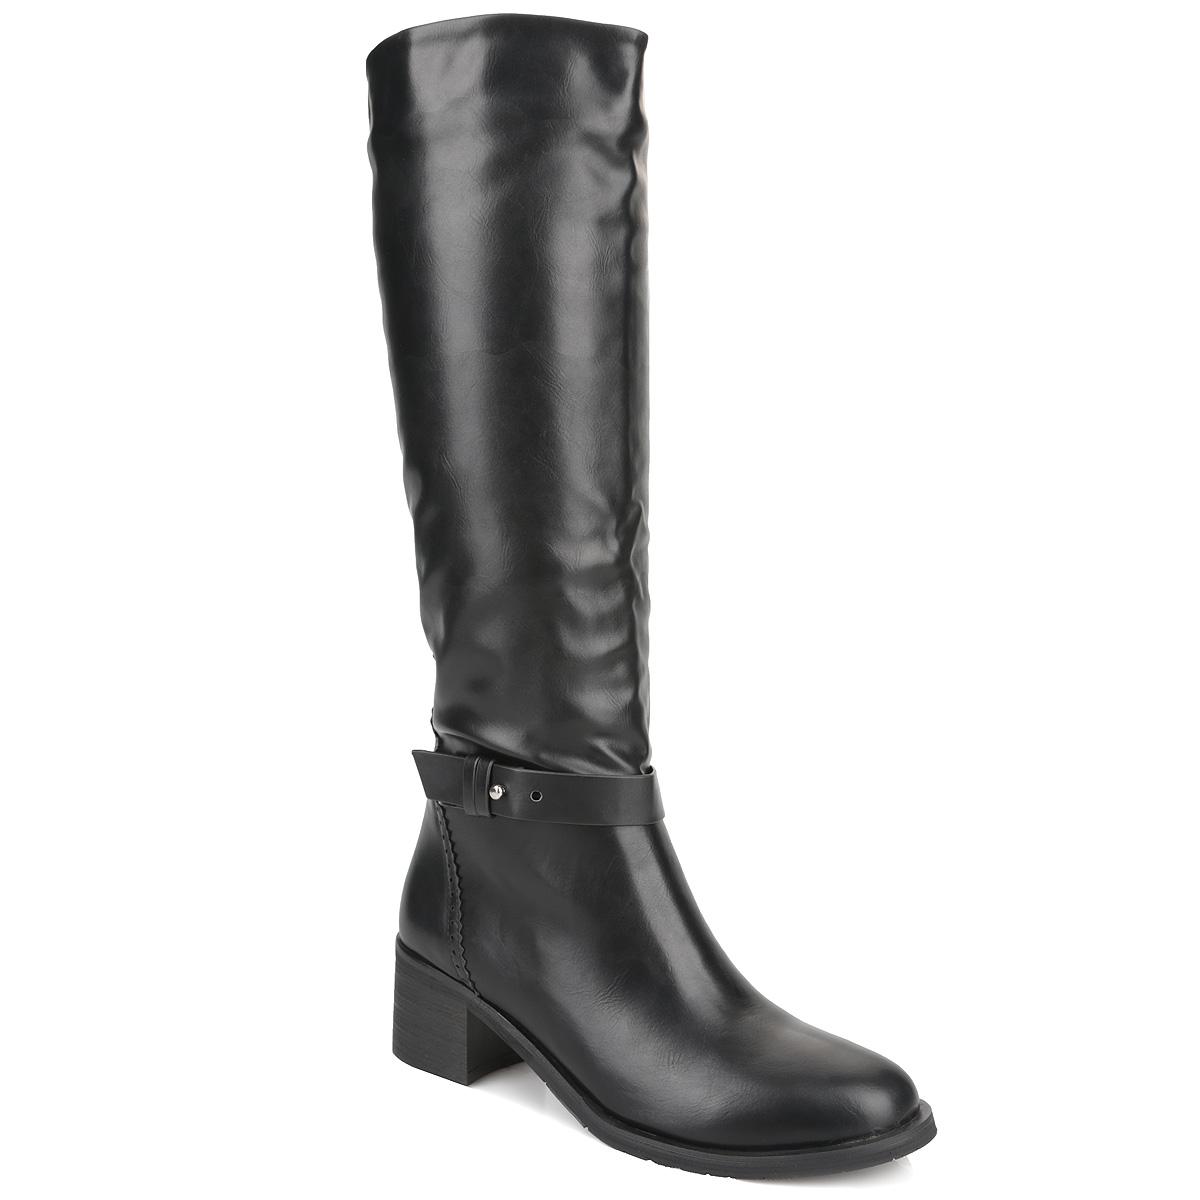 Cапоги женские Yaro, цвет: черный. Y42-AX-03 A. Размер 37Y42-AX-03 AСтильные сапоги от Yaro займут достойное место среди вашей коллекции обуви. Модель выполнена из искусственной кожи и оформлена перфорацией и резной окантовкой на задней поверхности. Подъем изделия украшен поперечным ремешком. Сапоги застегиваются на удобную боковую застежку-молнию. Резинки, расположенные на голенище, отвечают за оптимальную посадку модели на вашей ноге. Мягкая подкладка и стелька из байки сохраняют тепло, обеспечивая максимальный комфорт при движении. Умеренной высоты каблук устойчив. Каблук и подошва дополнены противоскользящим рифлением. Удобные сапоги - незаменимая вещь в гардеробе каждой женщины.